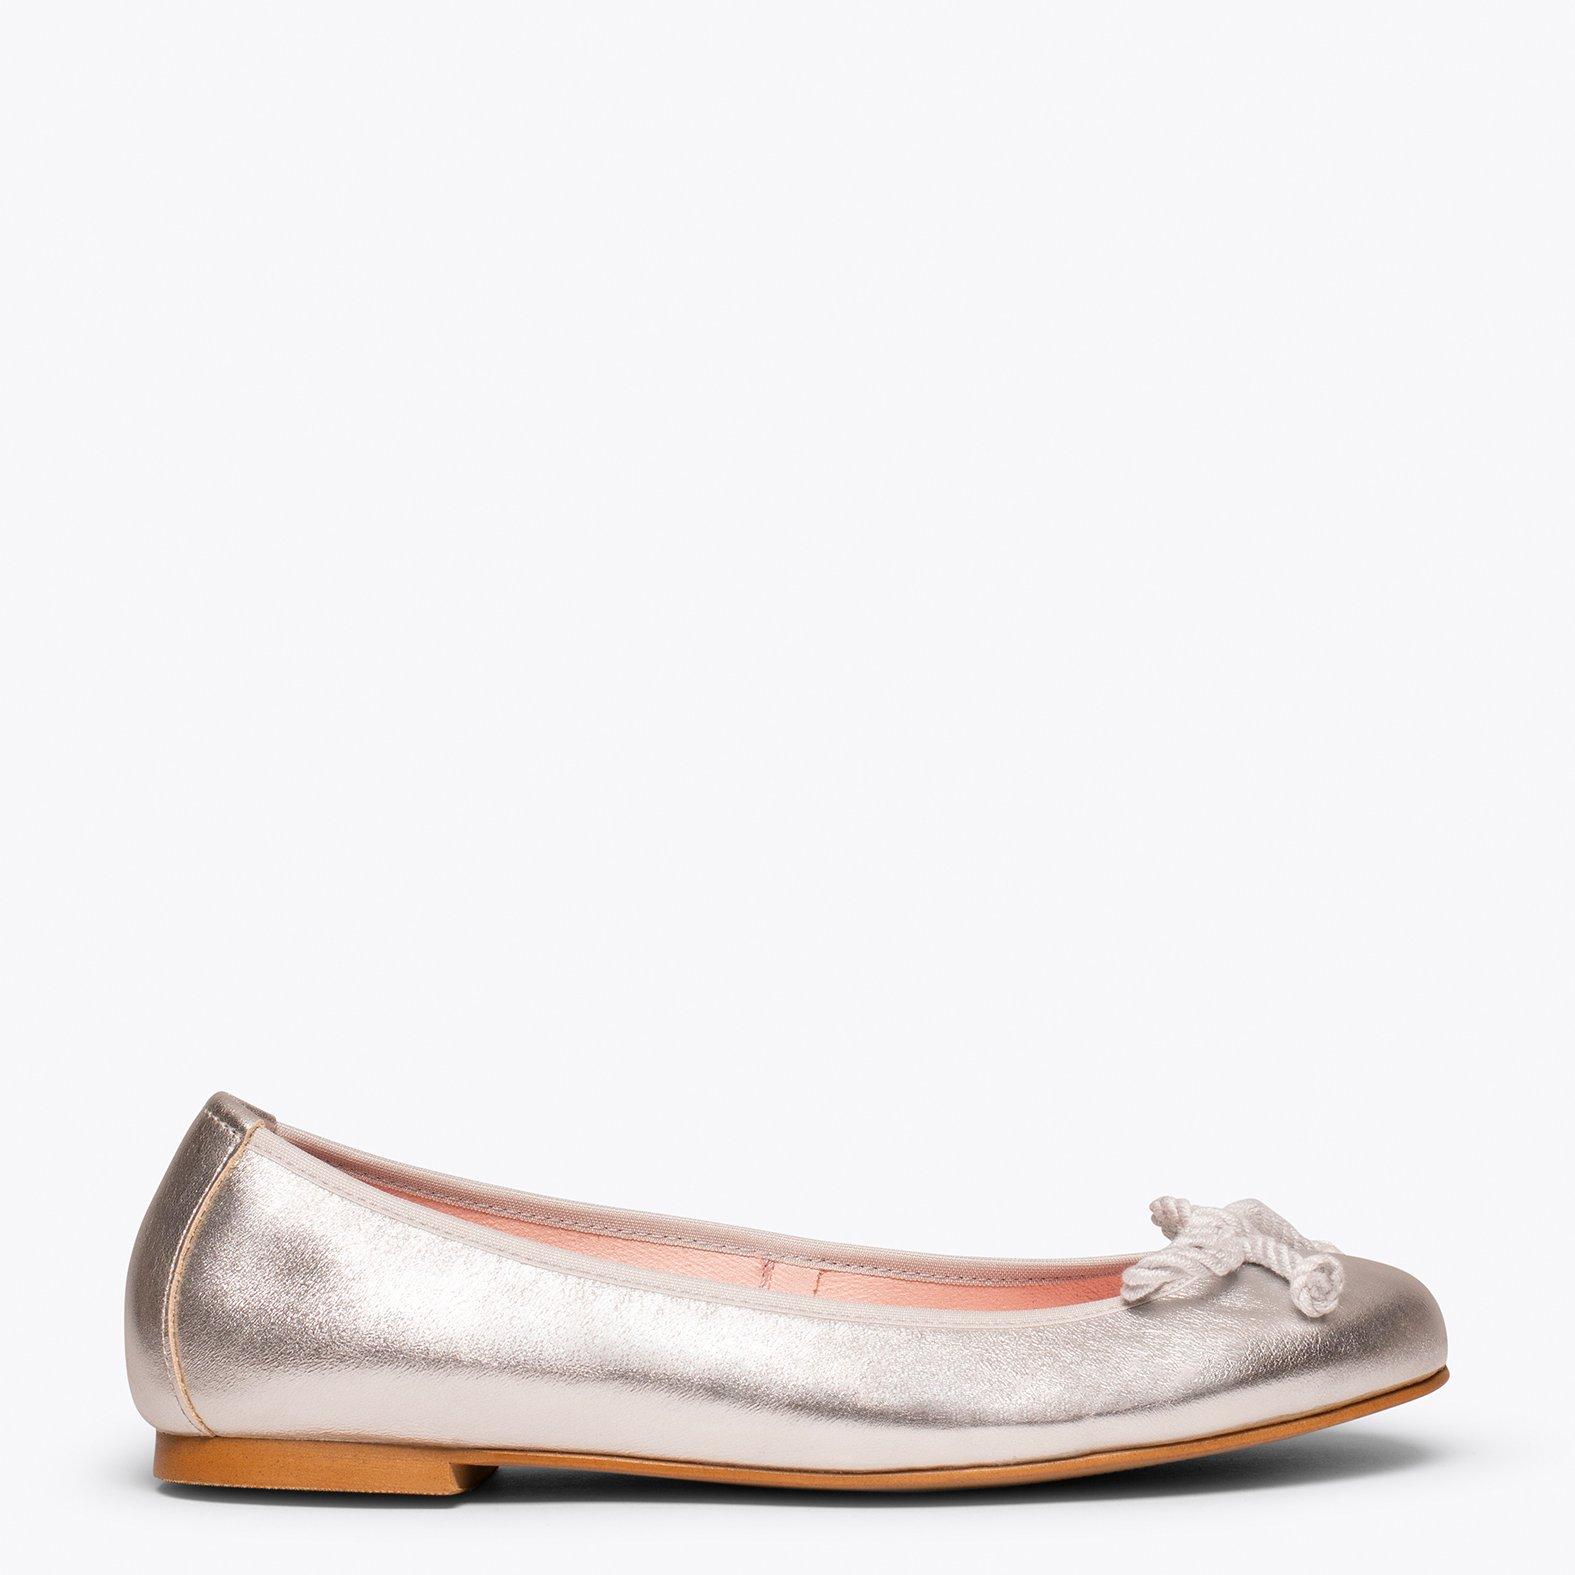 STILETTO Zapato con tacón fino ROSA CHICLE